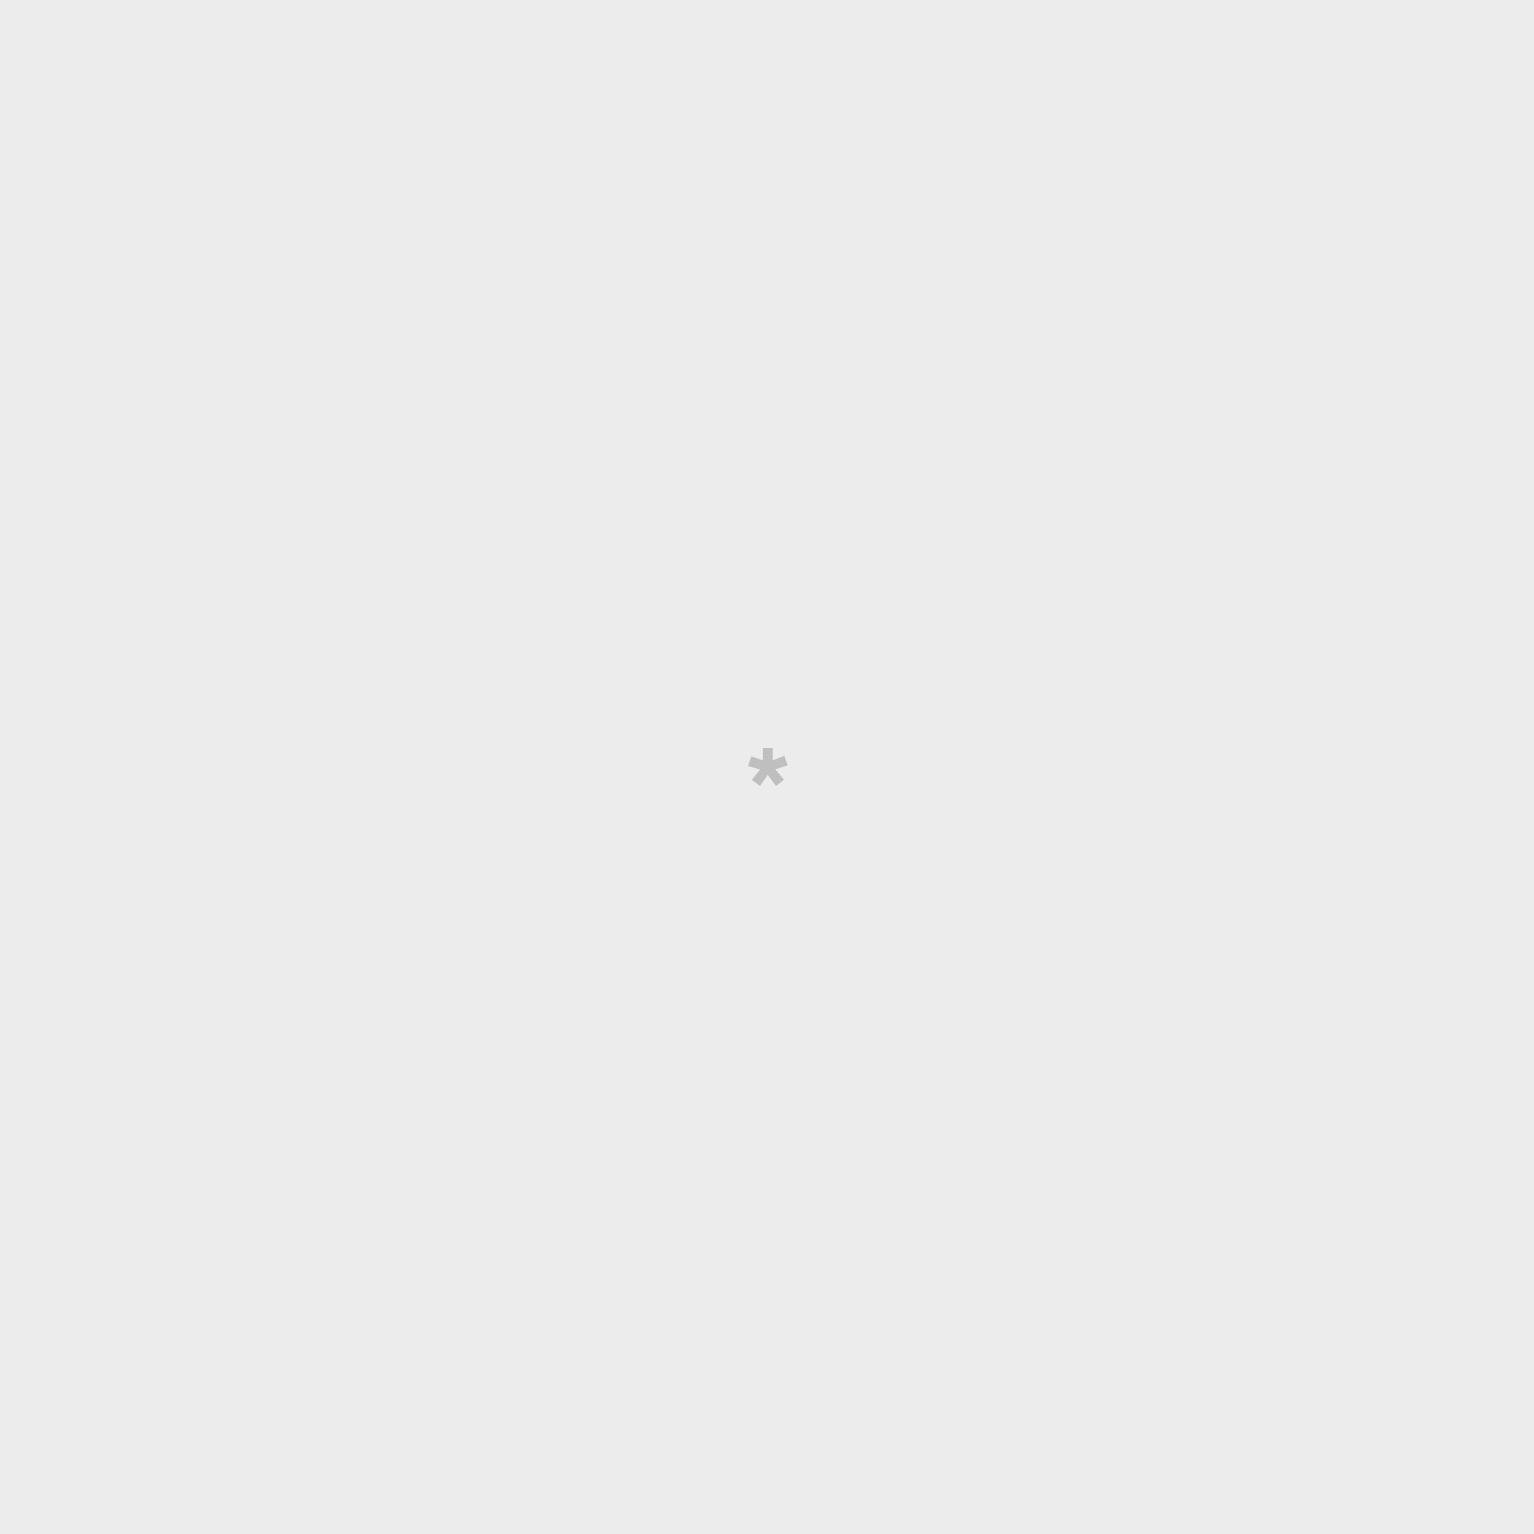 Quaderno - È sempre il momento giusto per dare il massimo